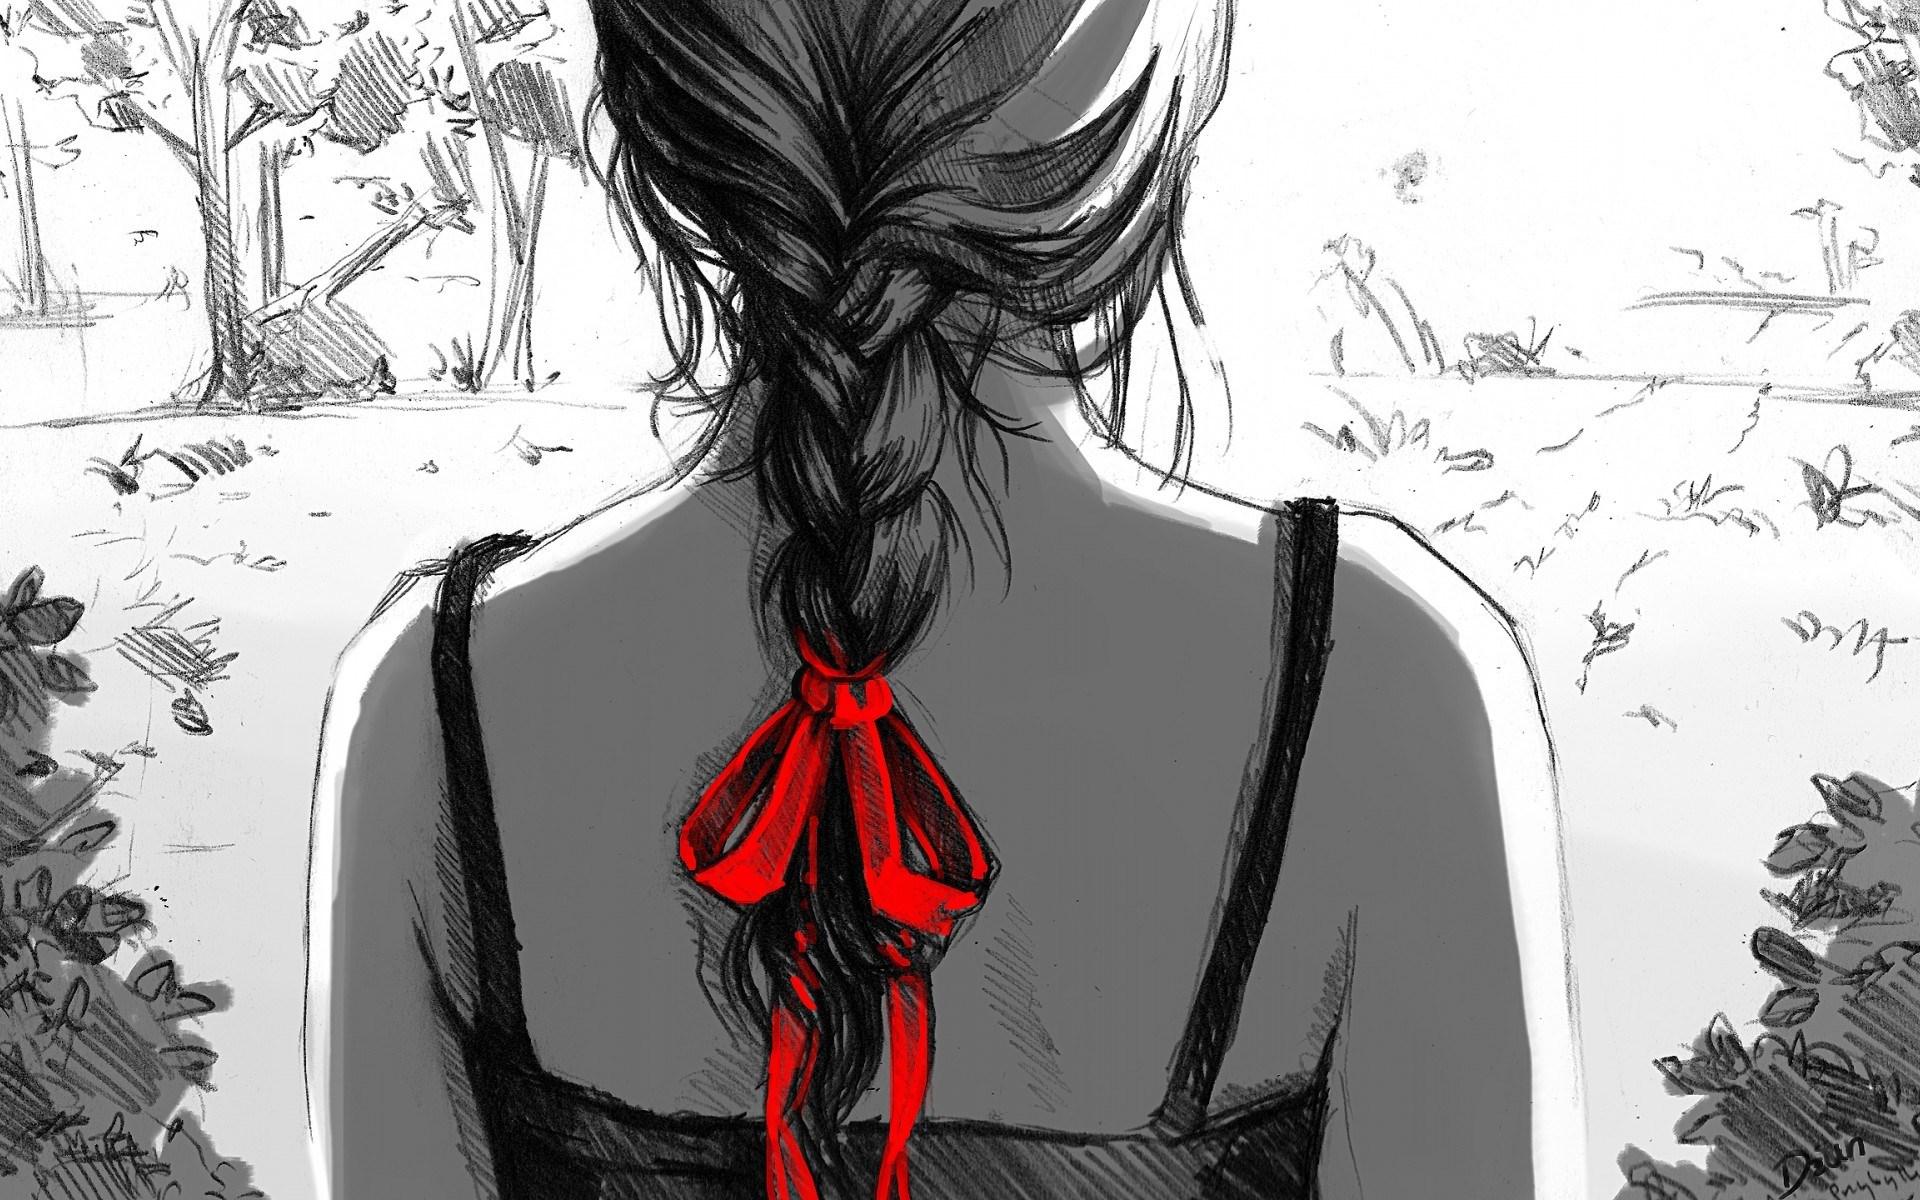 Woman Sketch Wallpapers - Dibujos Negro Y Rojo - HD Wallpaper